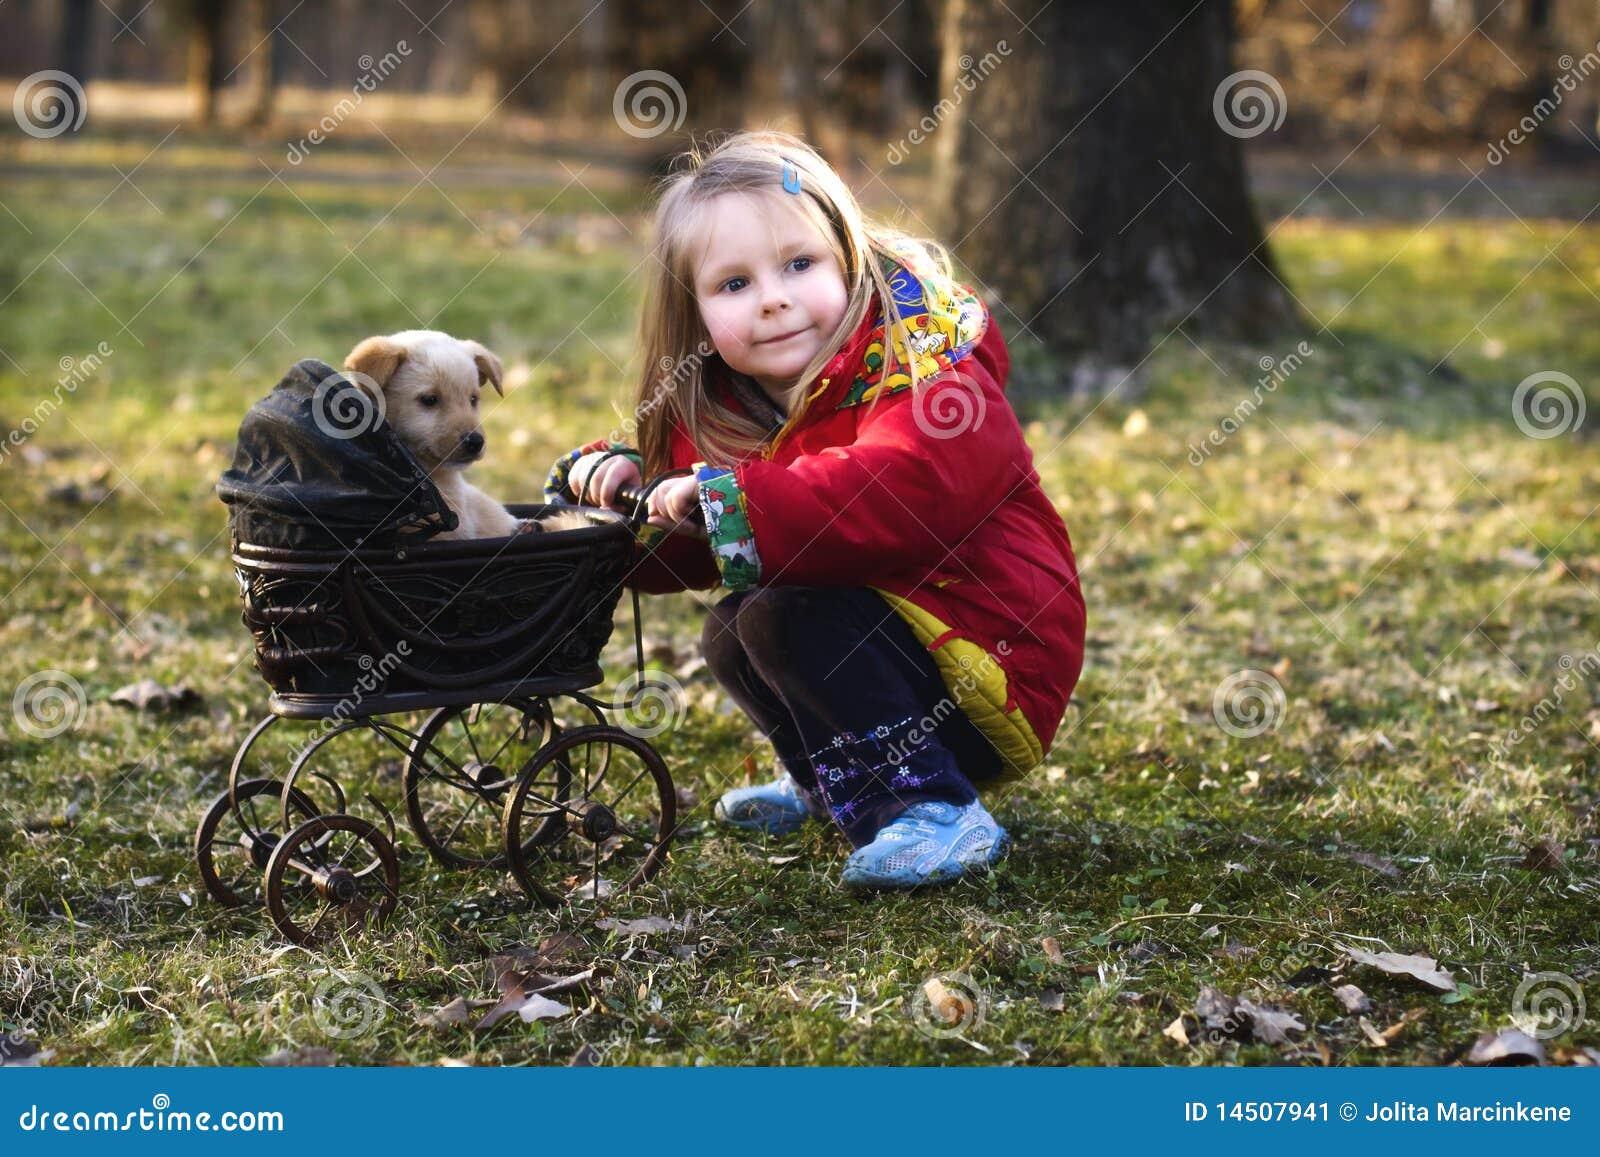 狗女孩摇篮车